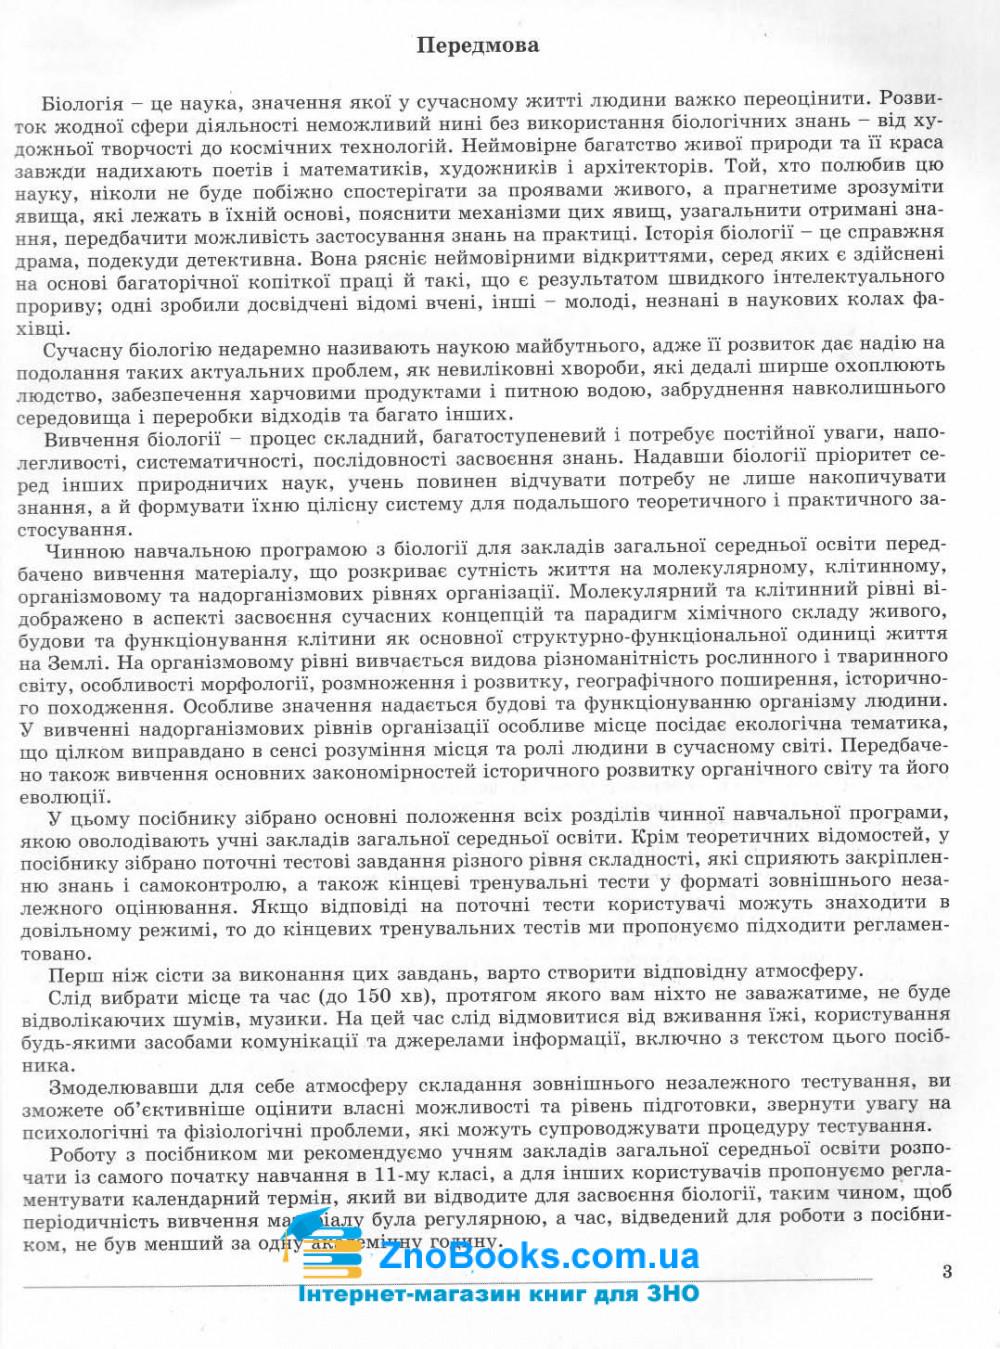 Біологія ЗНО 2022. Комплексна підготовка + онлайн тренування : Костильов О., Жгут О. Генеза. купити 3